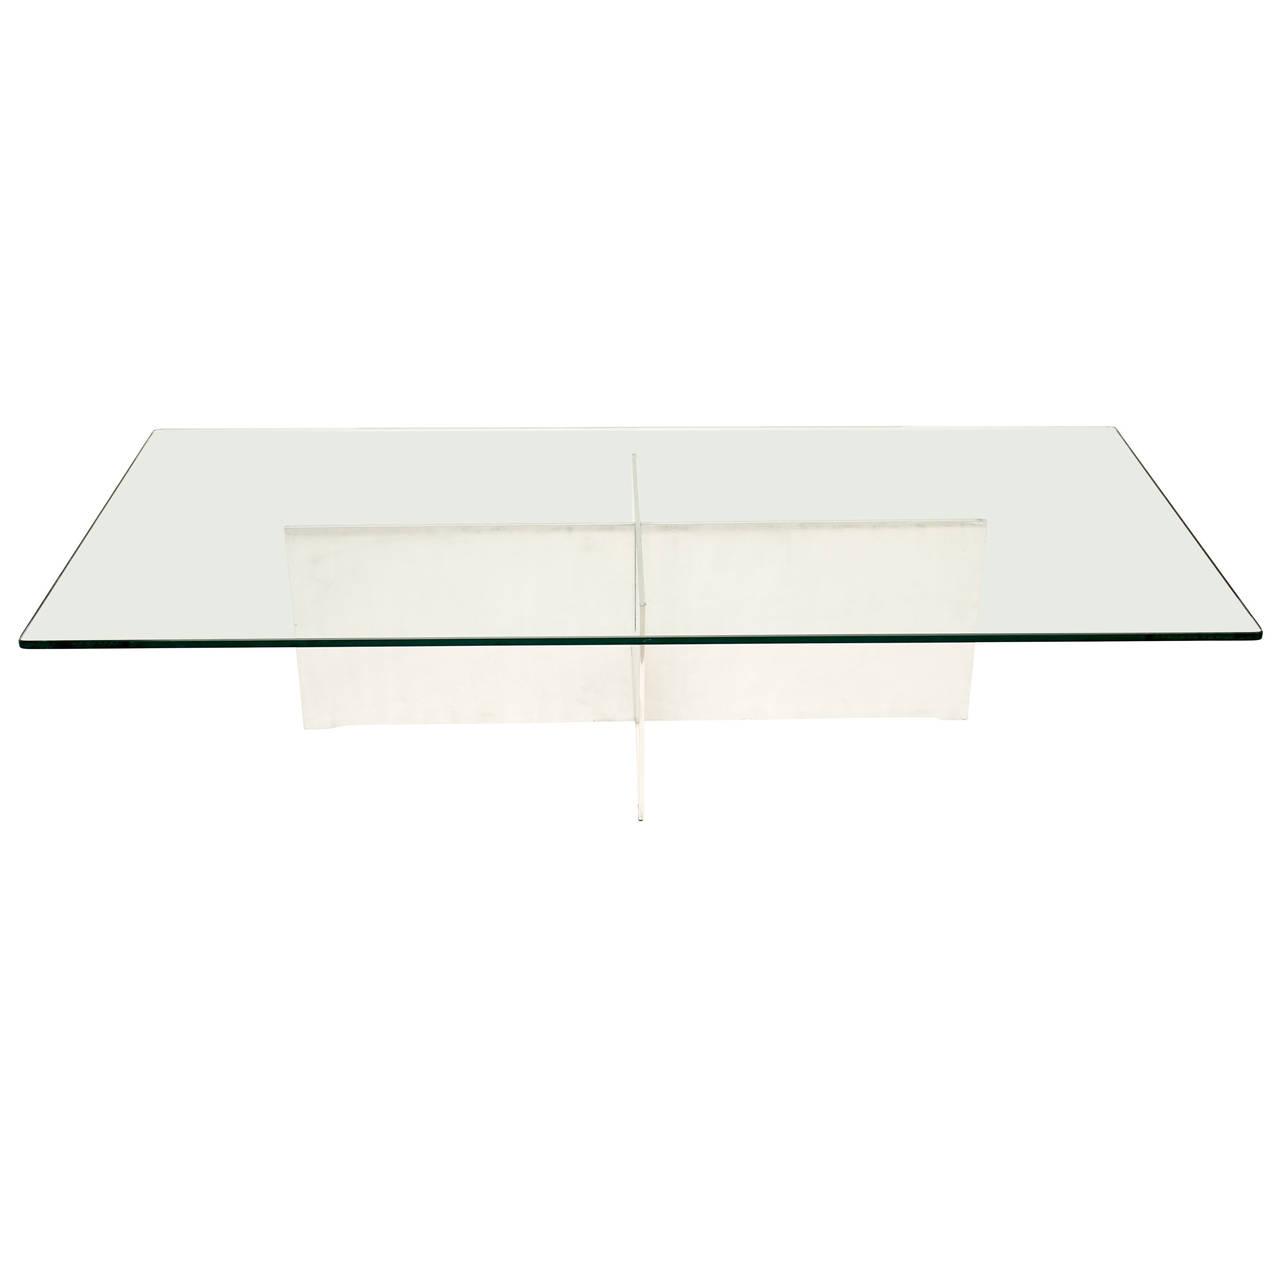 Table by Paul Mayen, Habitat, 1970s